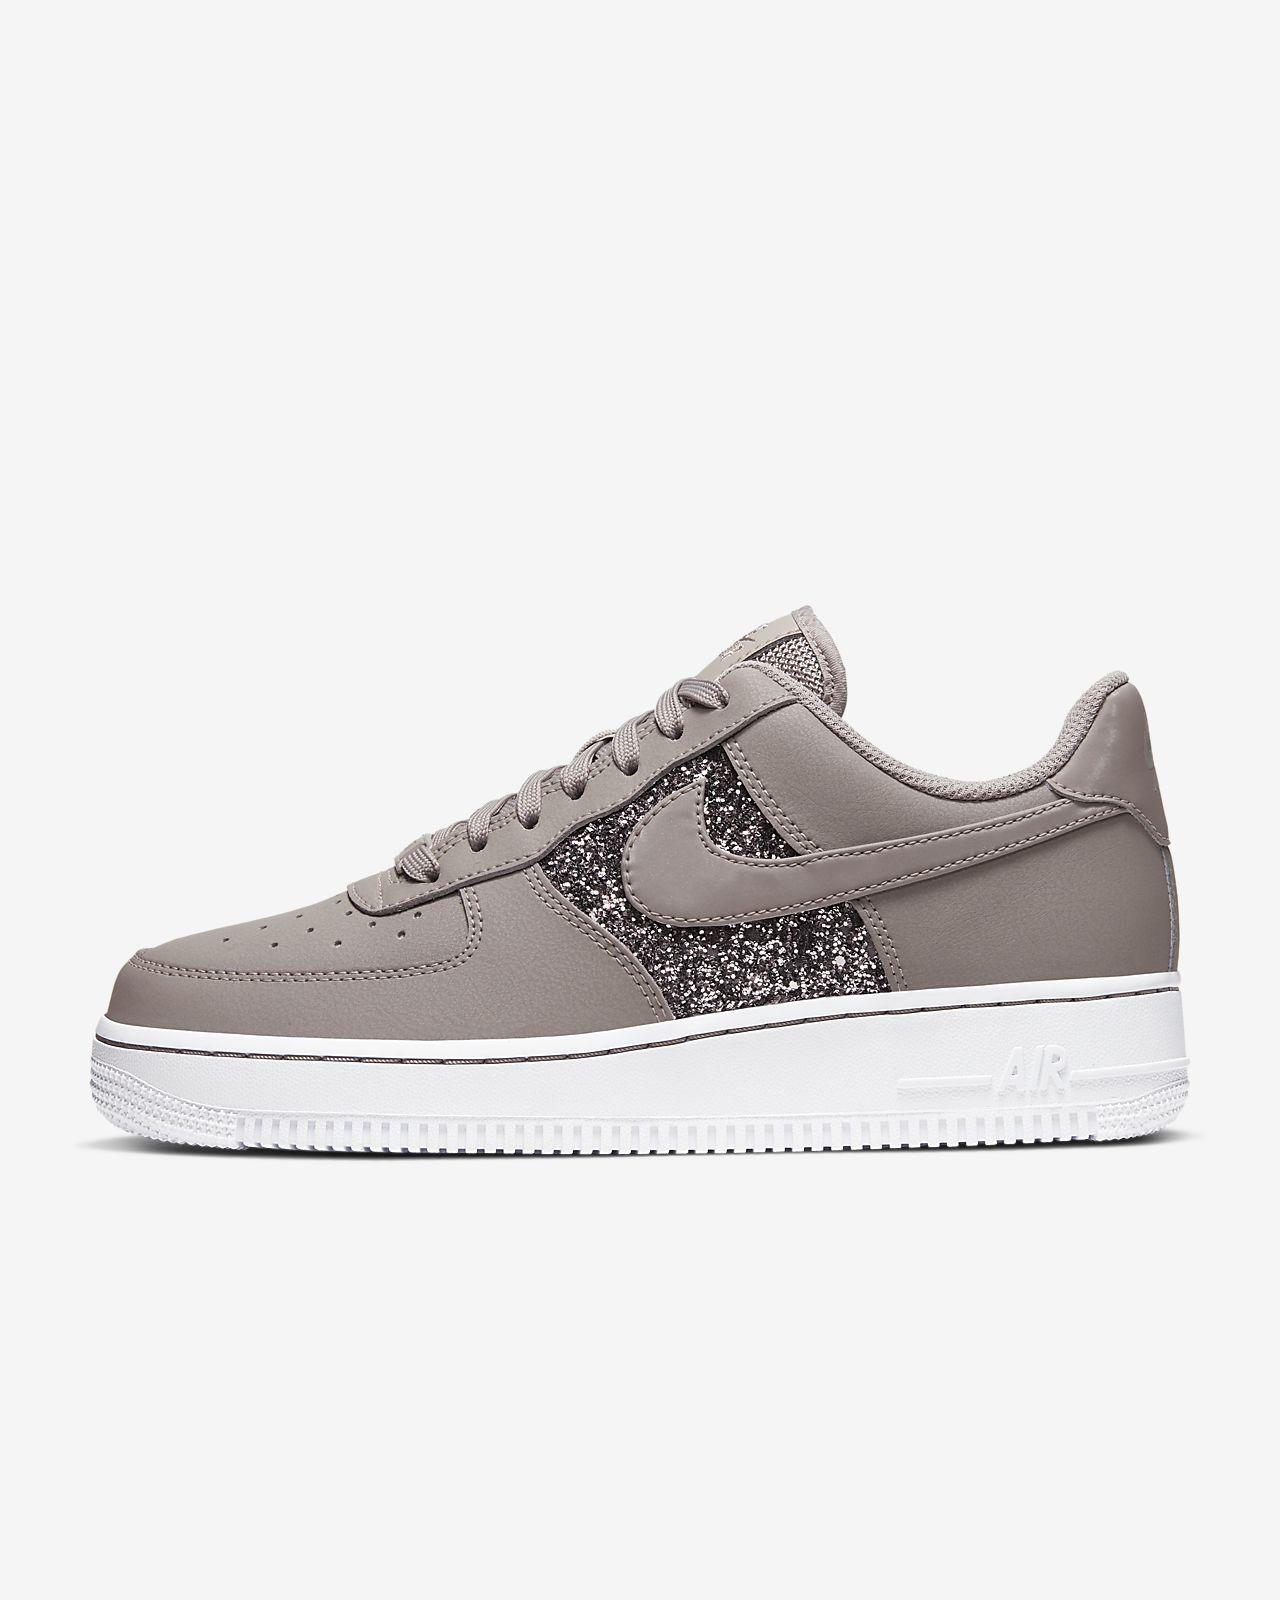 Damskie połyskujące buty Nike Air Force 1 Low